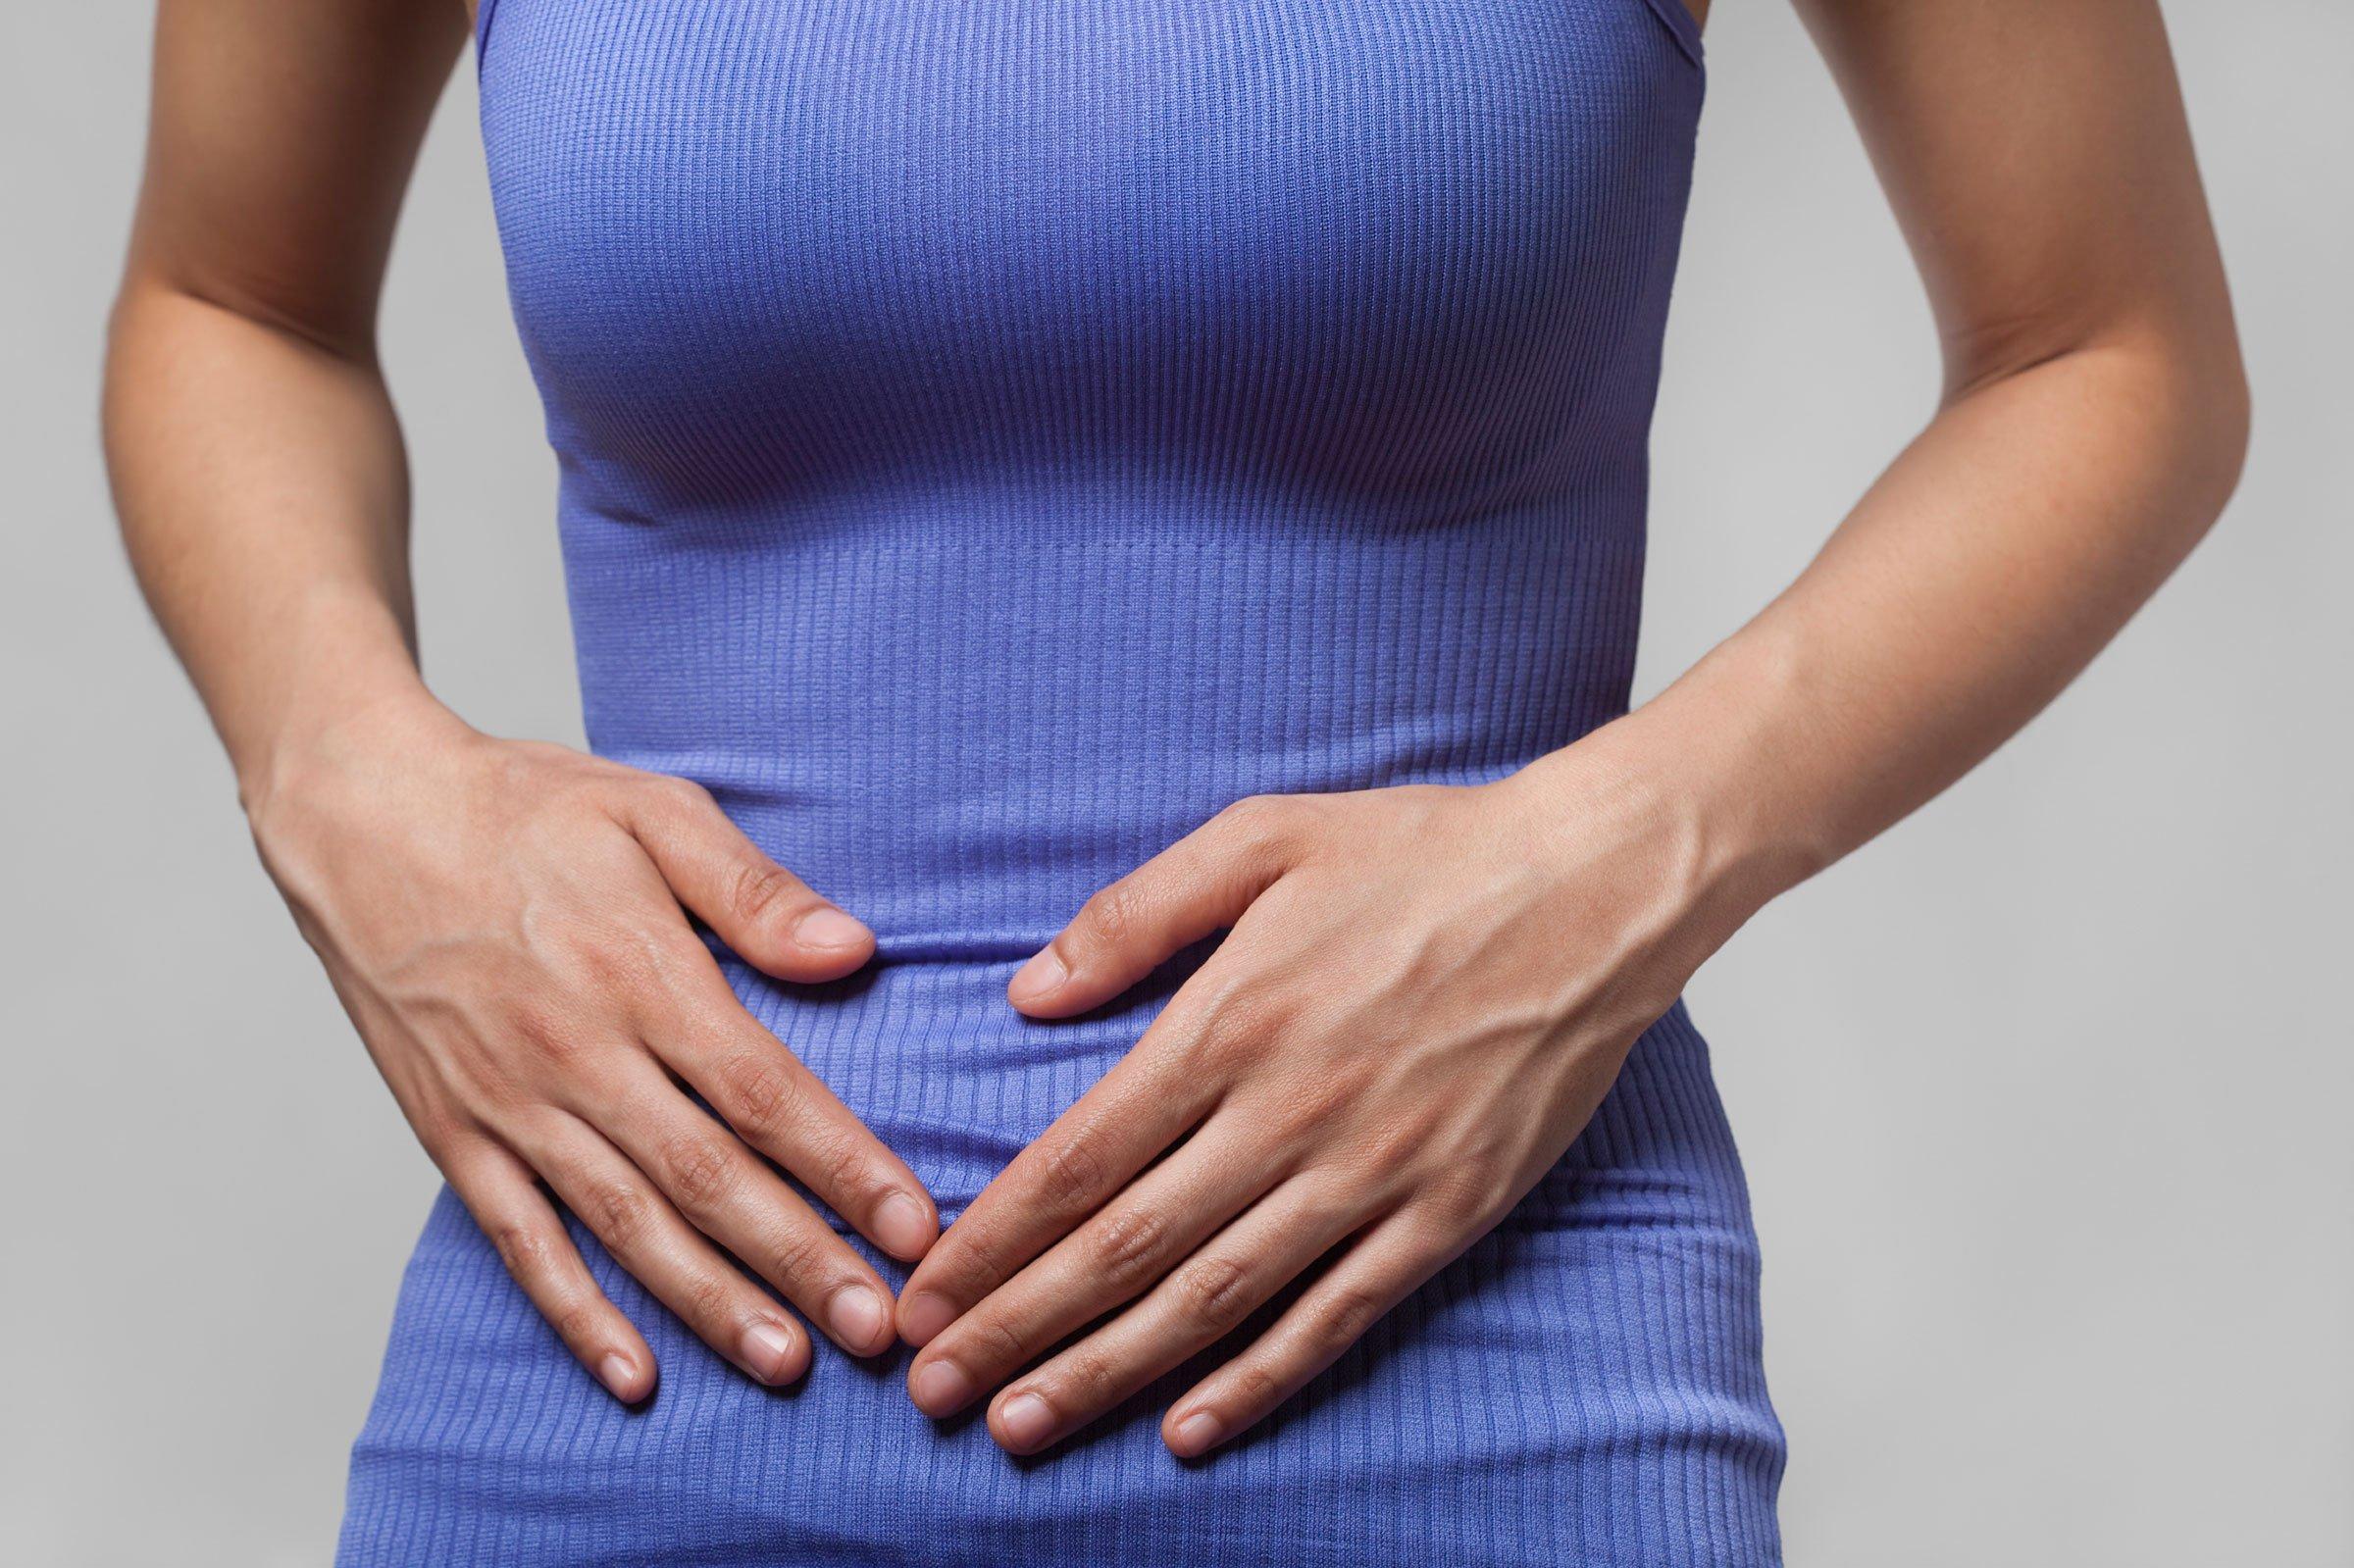 chữa đau bụng kinh hiệu quả tại nhà